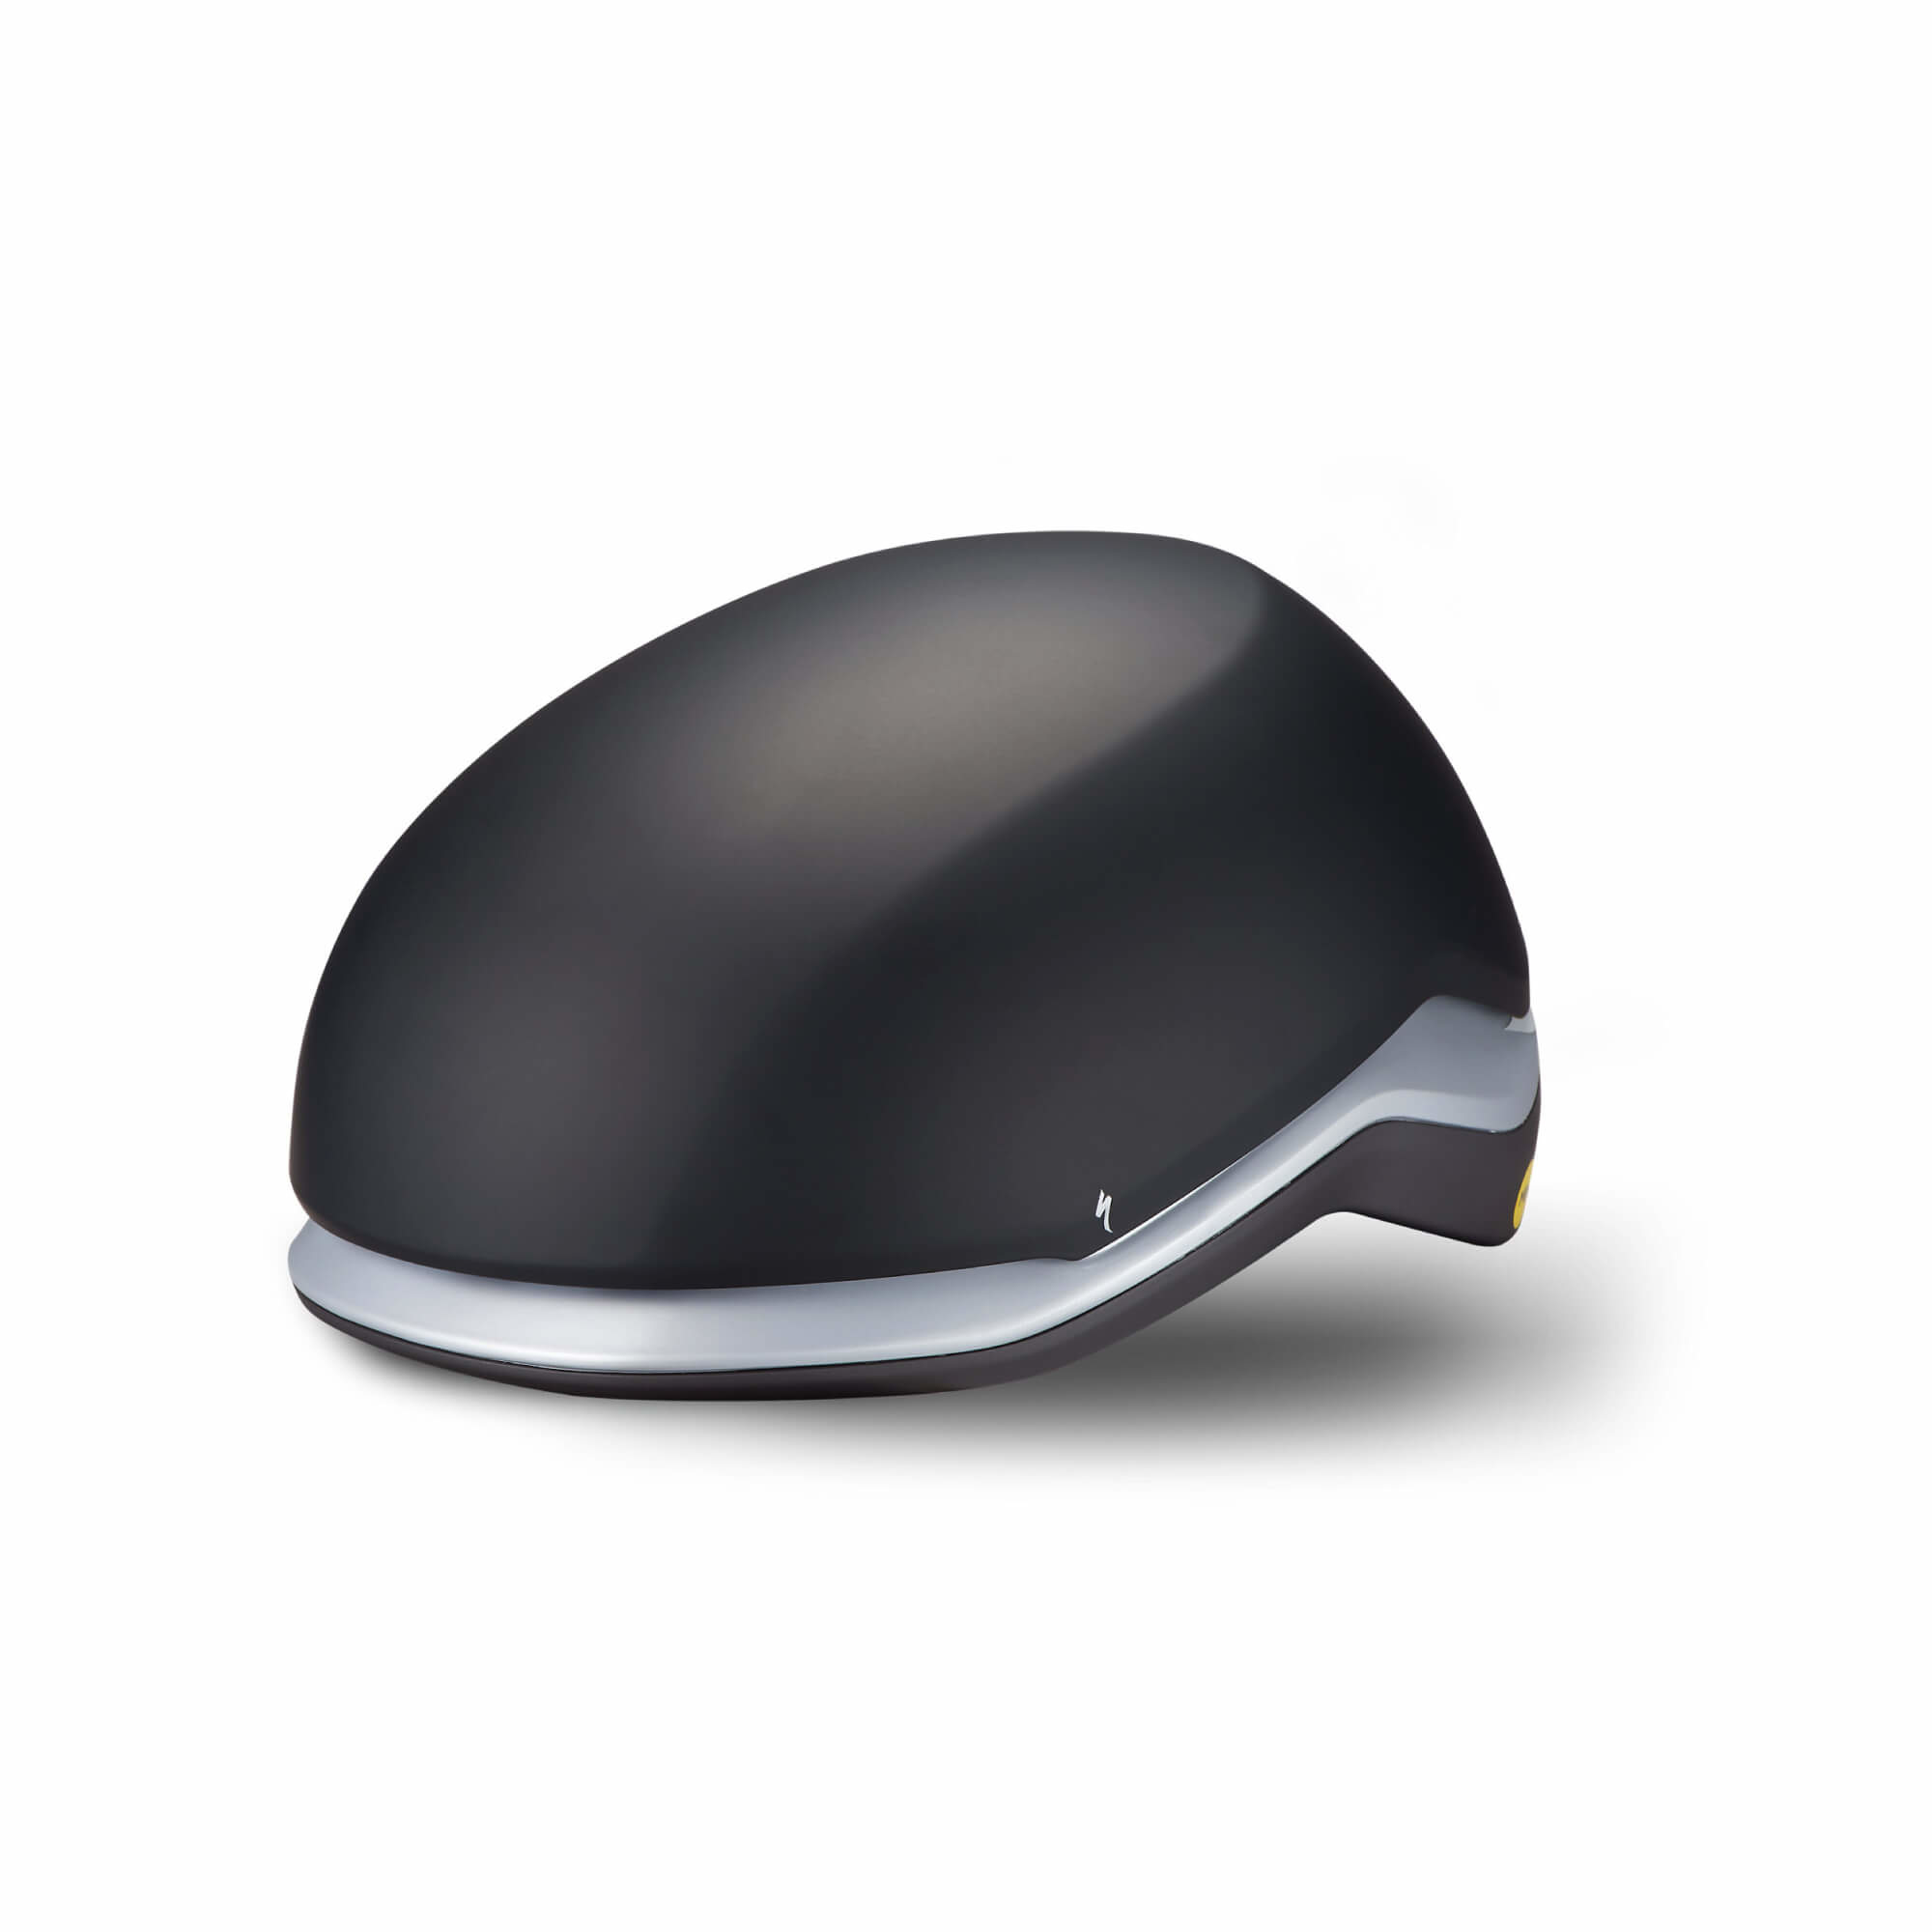 Mode Helmet 2022-1